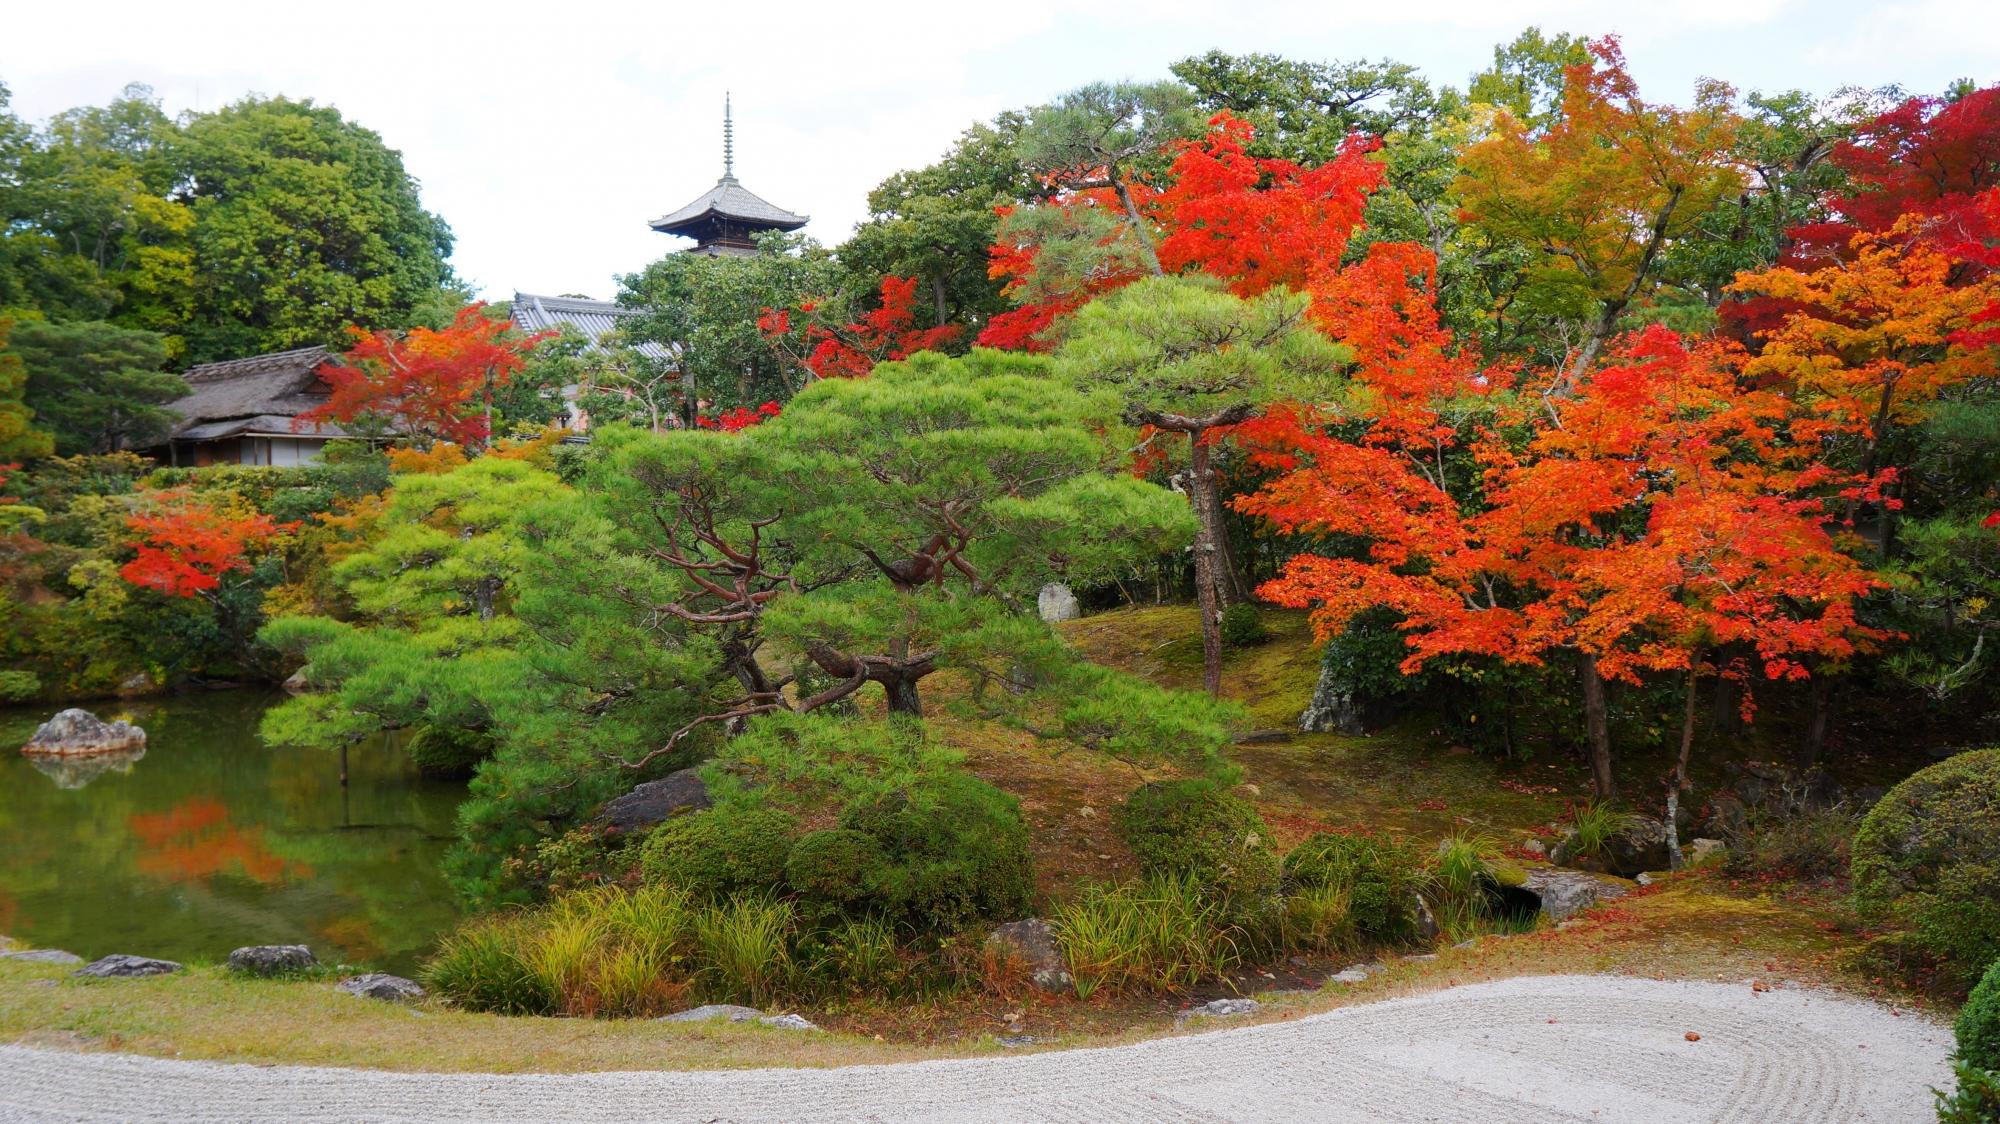 多種多様な木々と多彩な色合いの詰まった秋の仁和寺